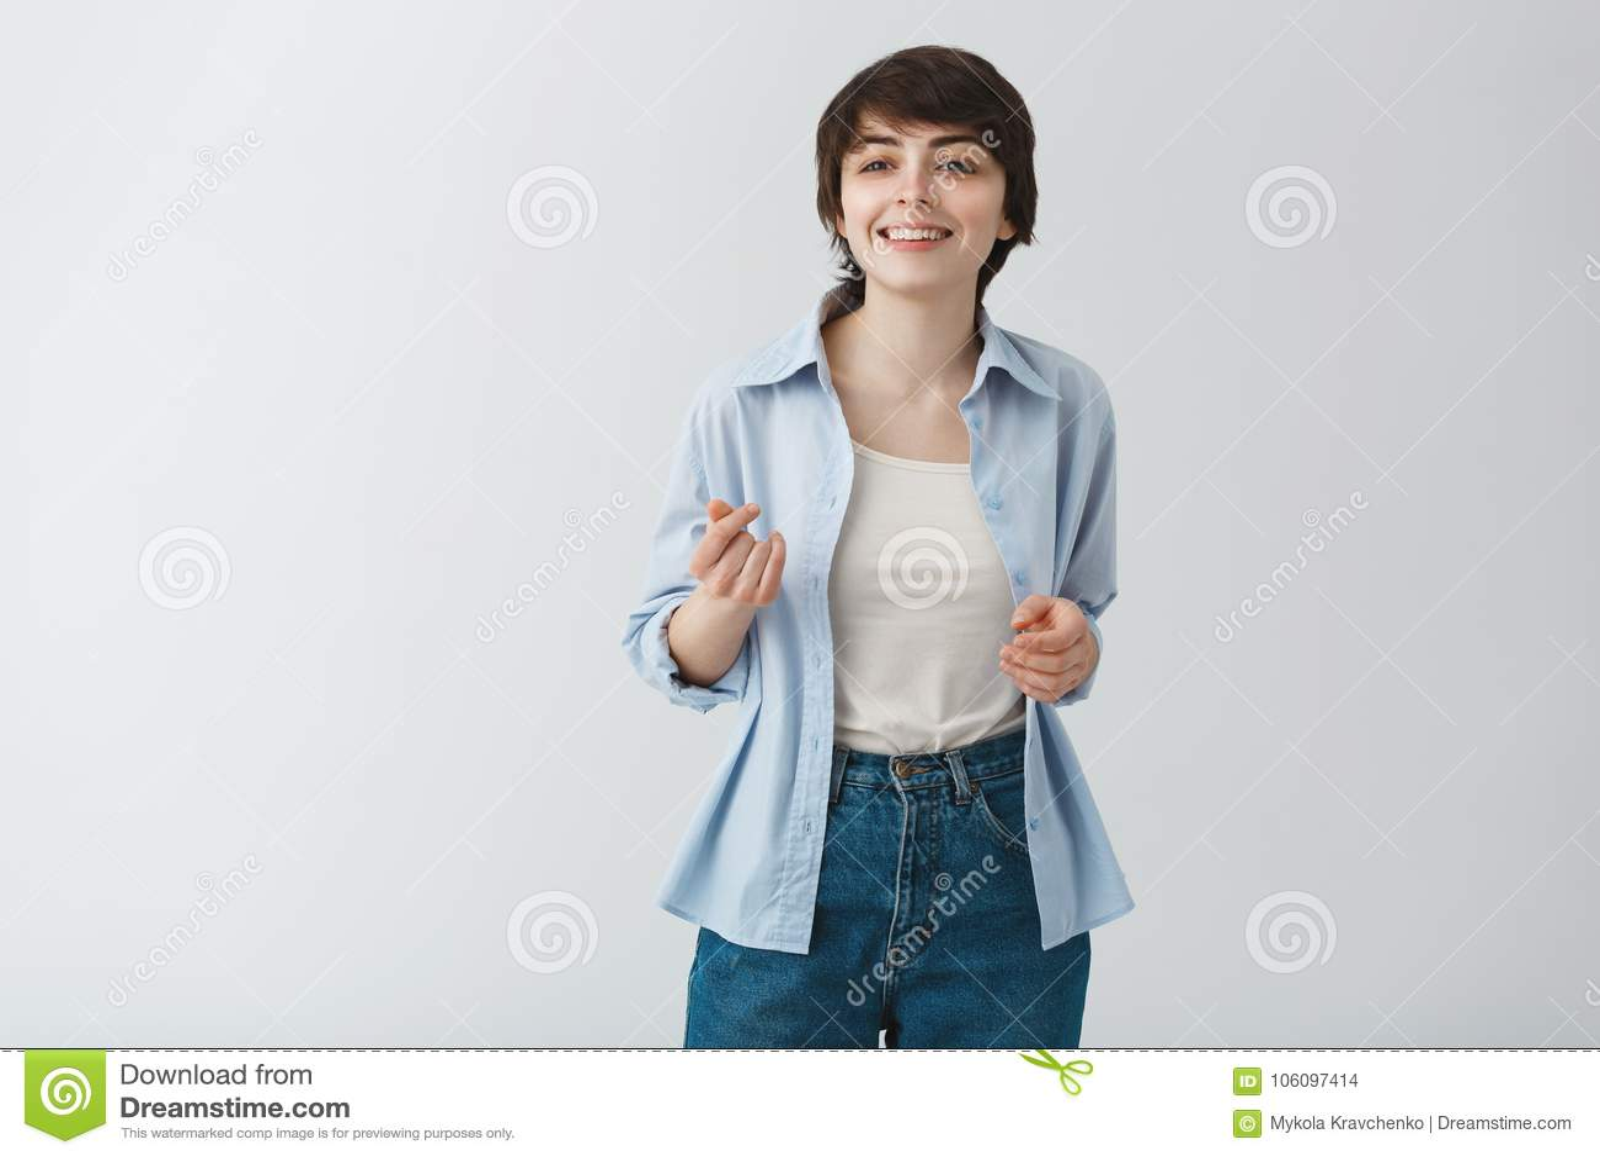 Giovane ragazza graziosa dello studente con i capelli di scarsità ed i grandi occhi che sorride con i denti, dancing e divertente